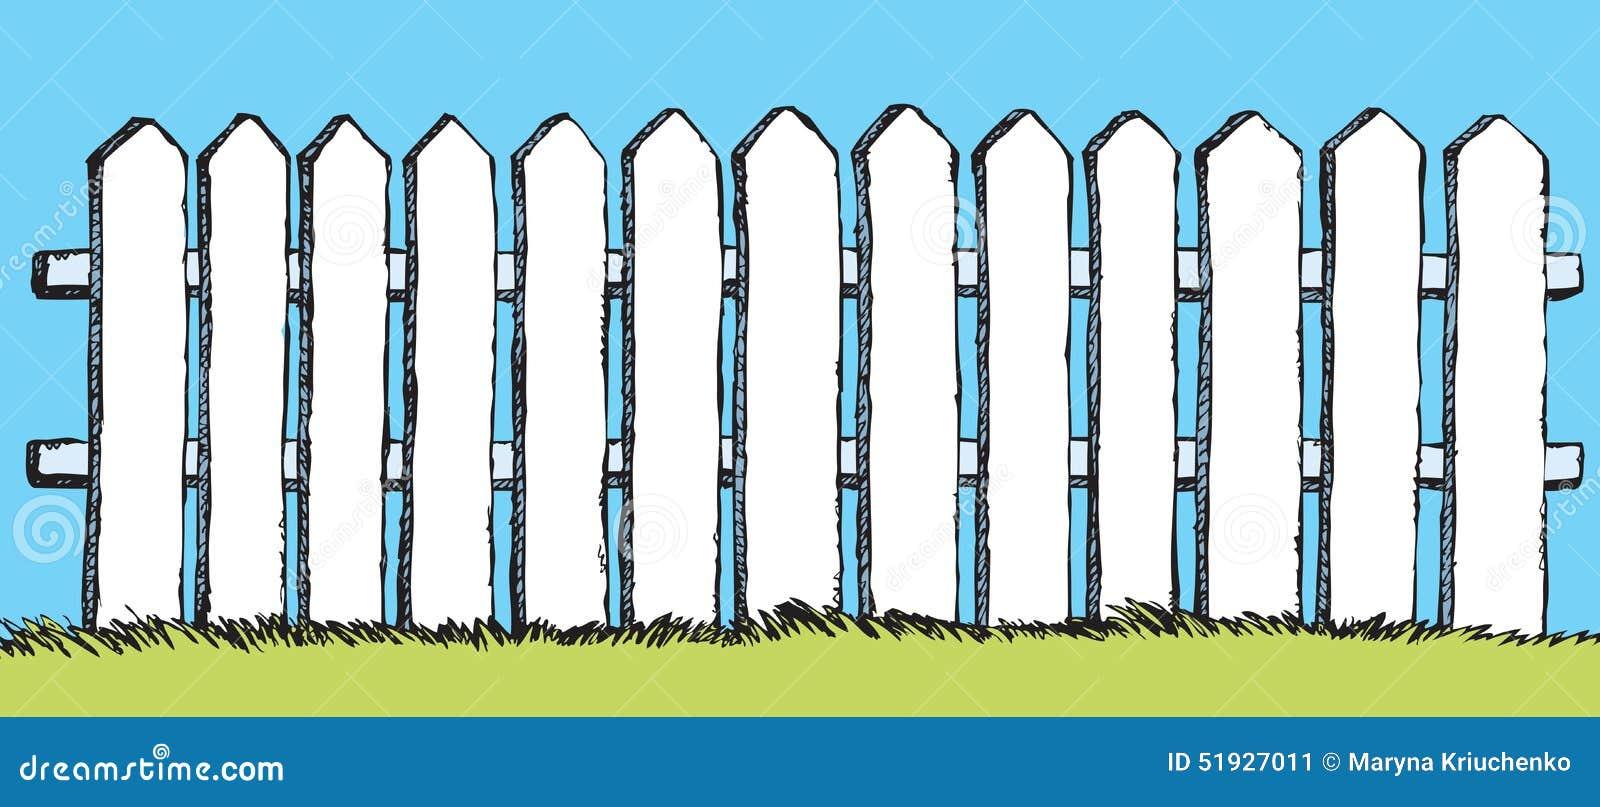 Desenho Do Vetor Cerca Branca Com Placas Ilustracao Do Vetor